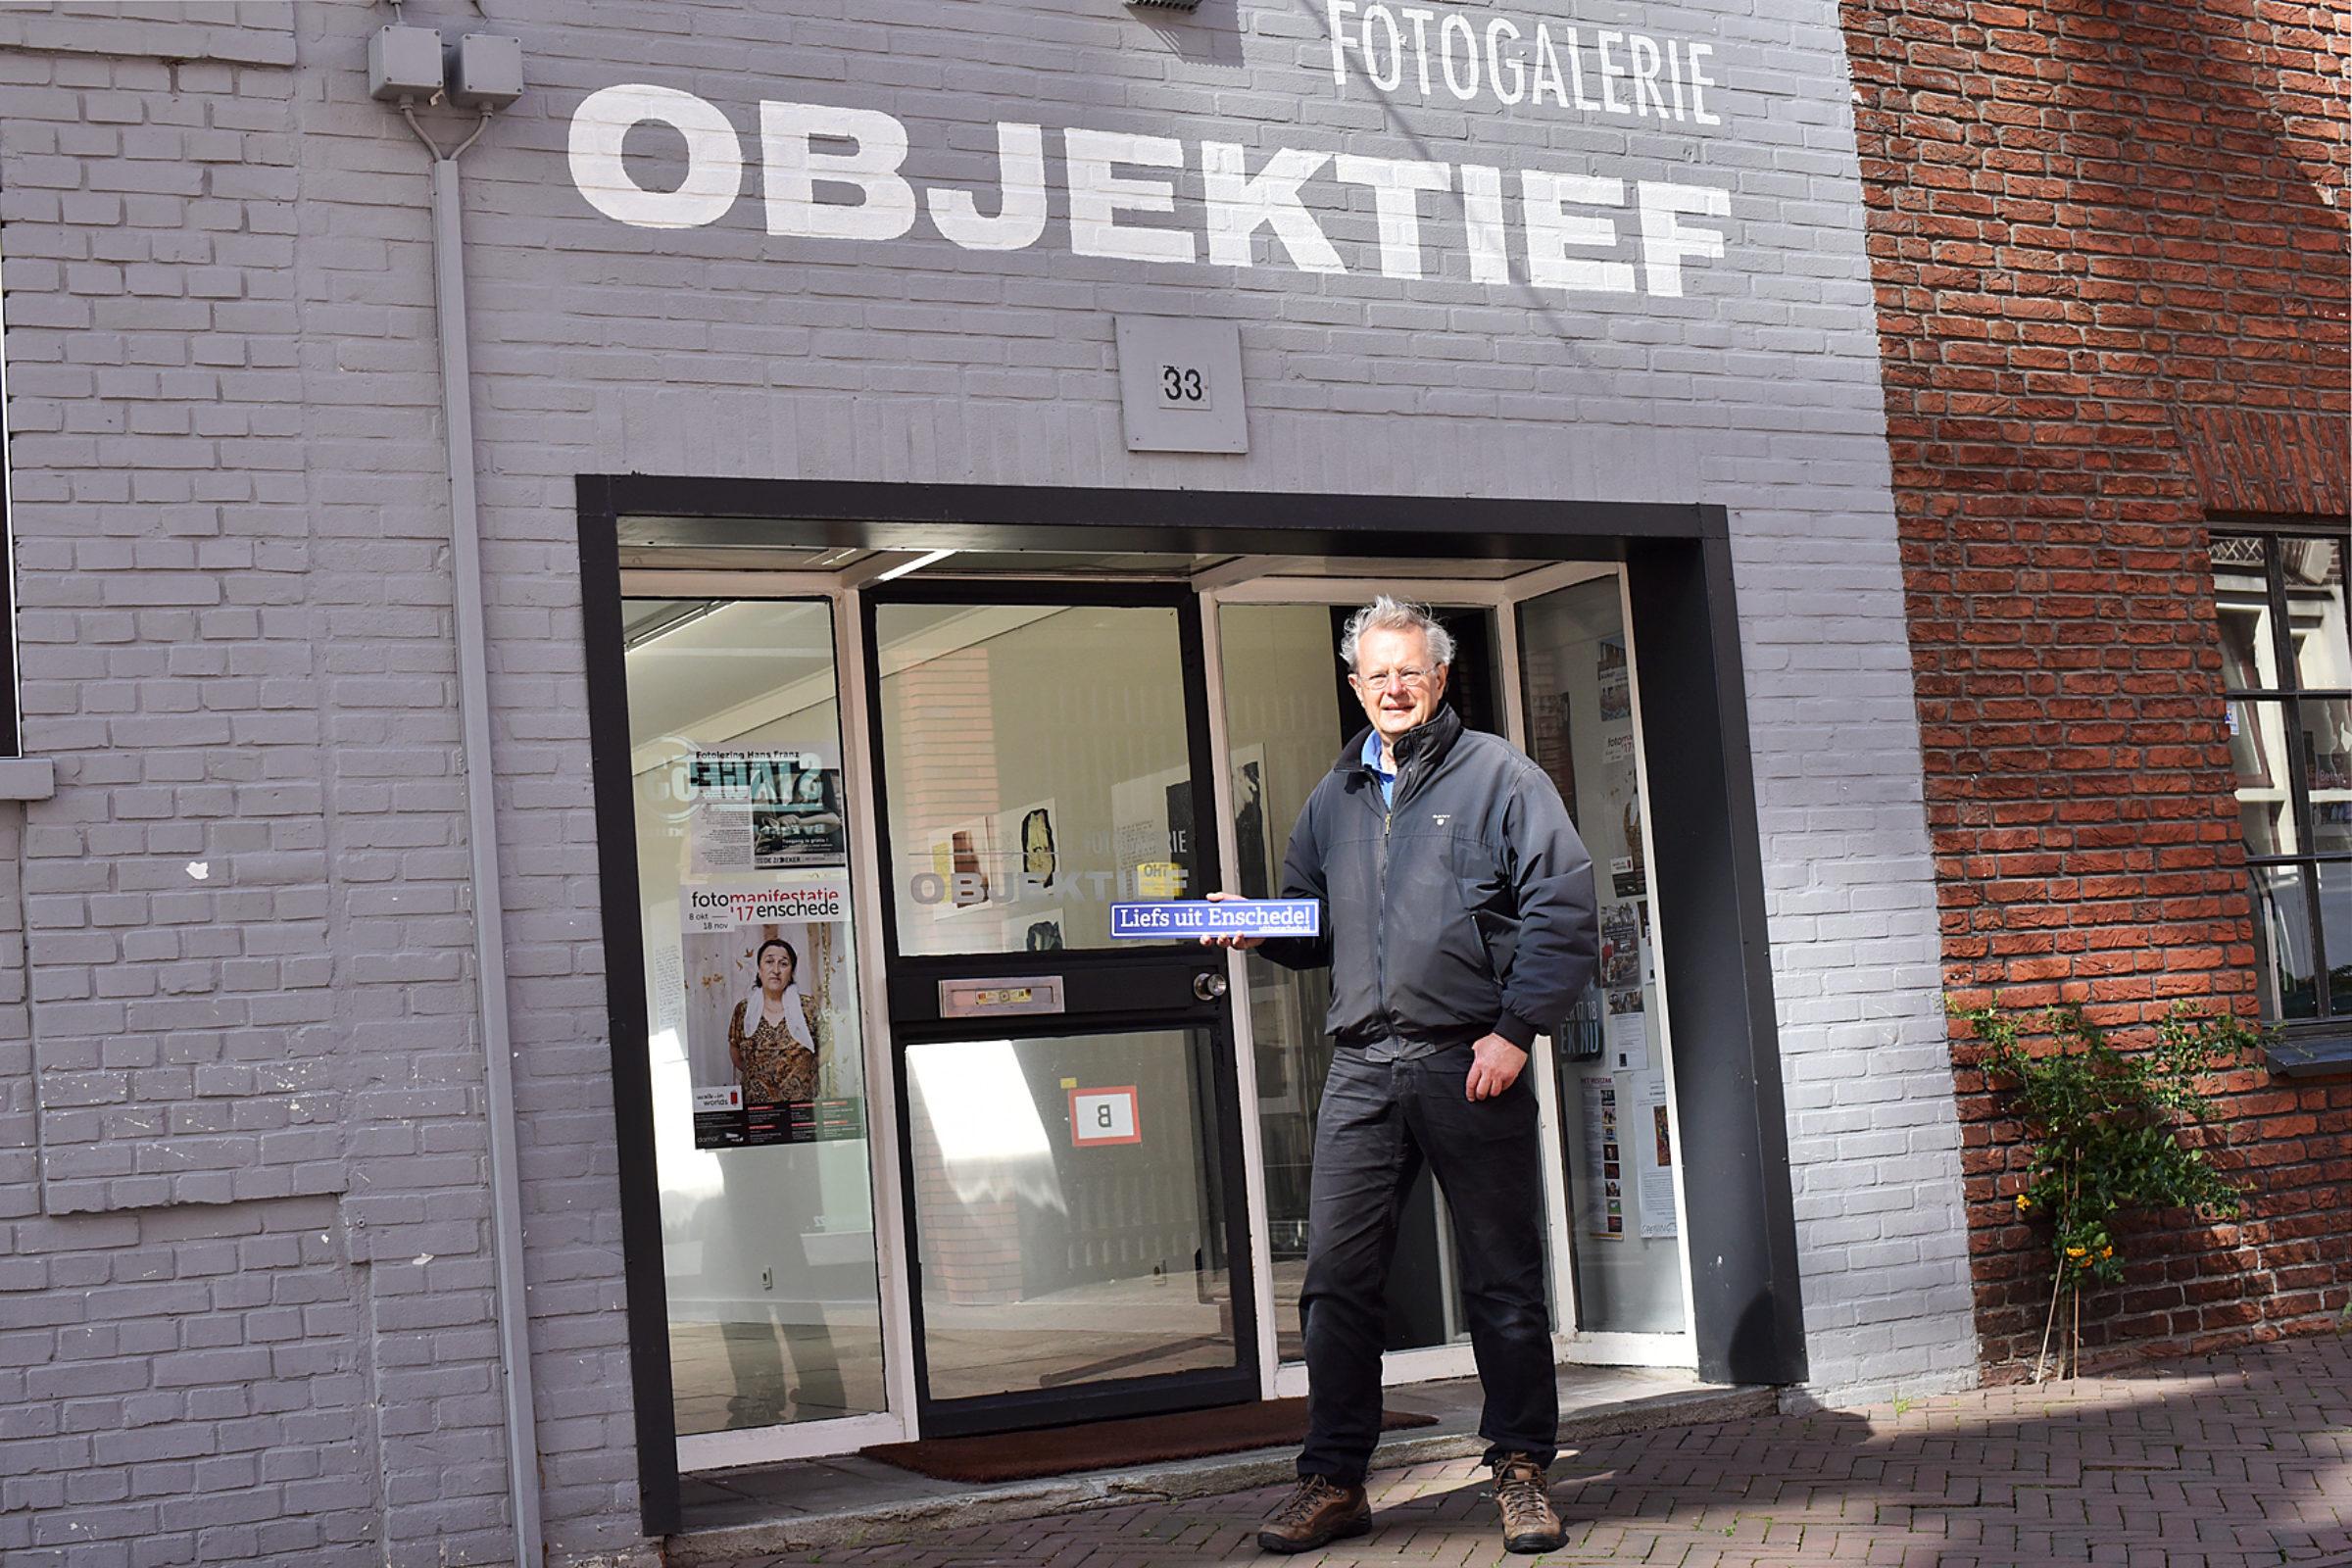 2017 Liefs Uit Enschede Fotogalerie Objektief Marketing En Campagnes Groot